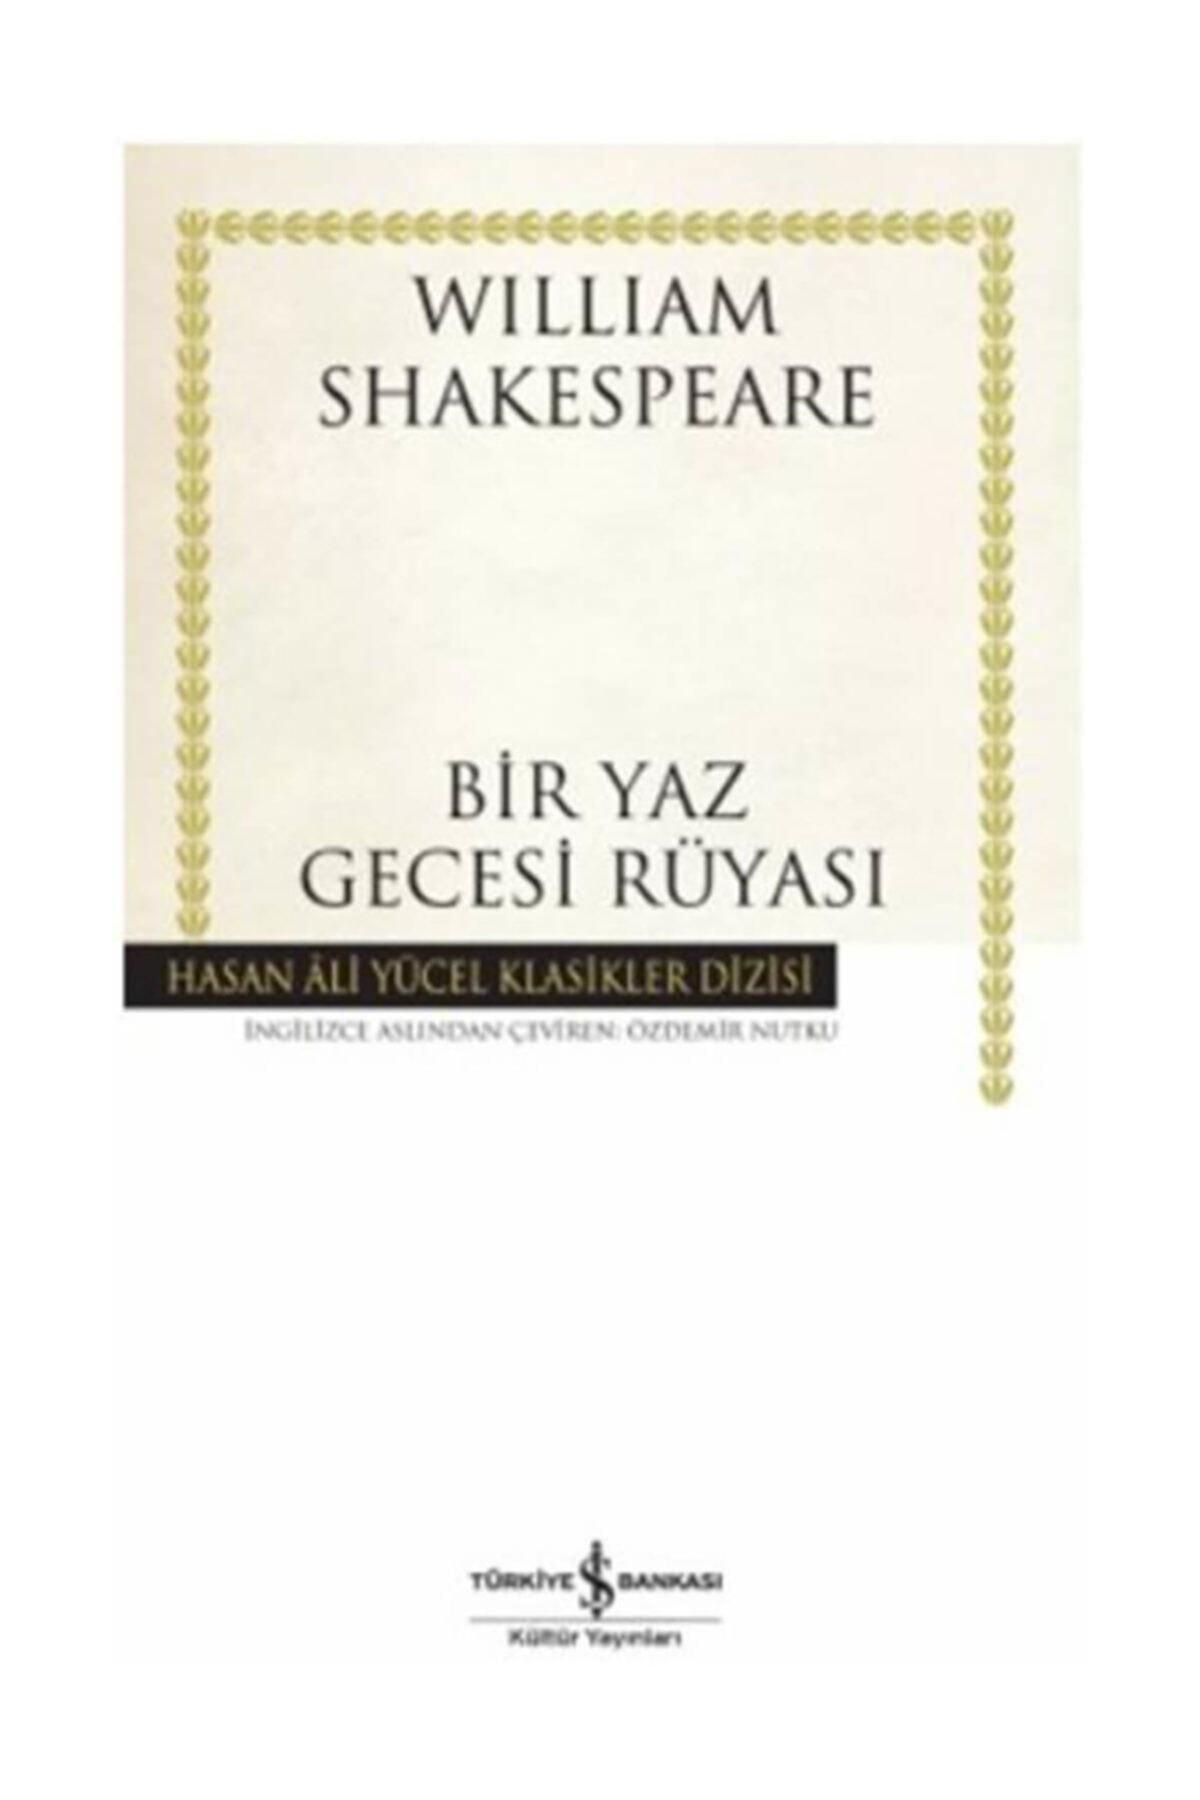 TÜRKİYE İŞ BANKASI KÜLTÜR YAYINLARI Bir Yaz Gecesi Rüyası - W.shakespeare - H.ali Yücel Klasikler Dizisi 1